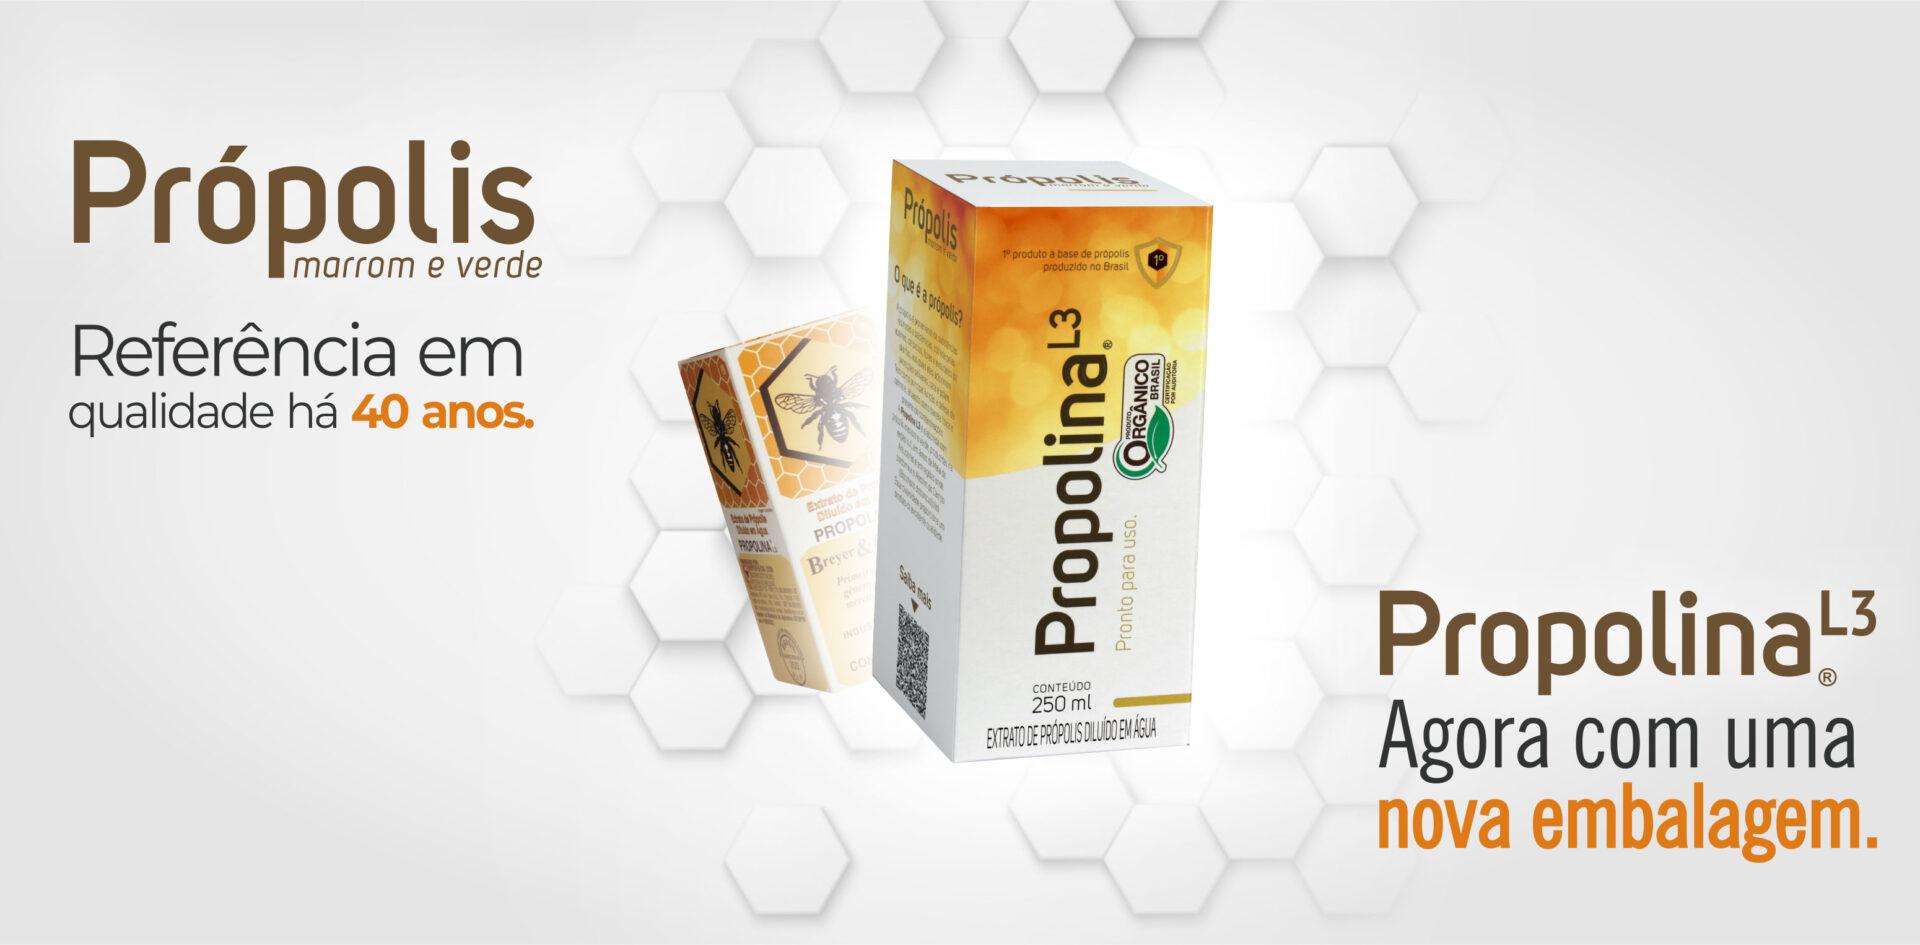 produtos-a-base-de-propolis-propolina-breyer-40-anos-imunidade-saude-full-banner-g